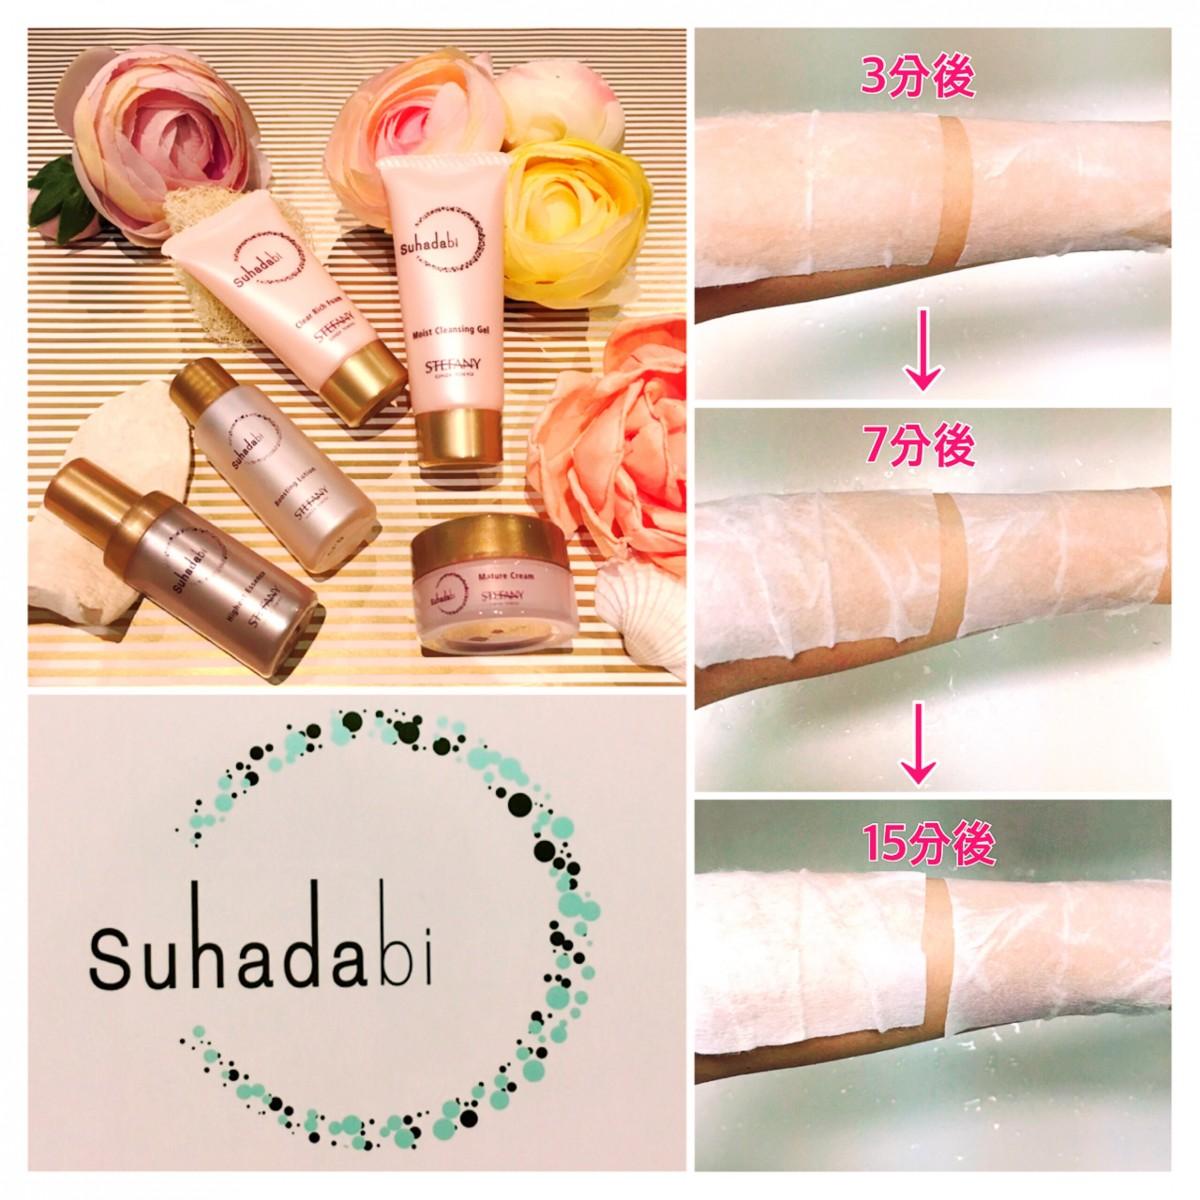 【保水力を実証】真夏の最重要エイジングケア!Suhadabiシリーズ3つの魅力